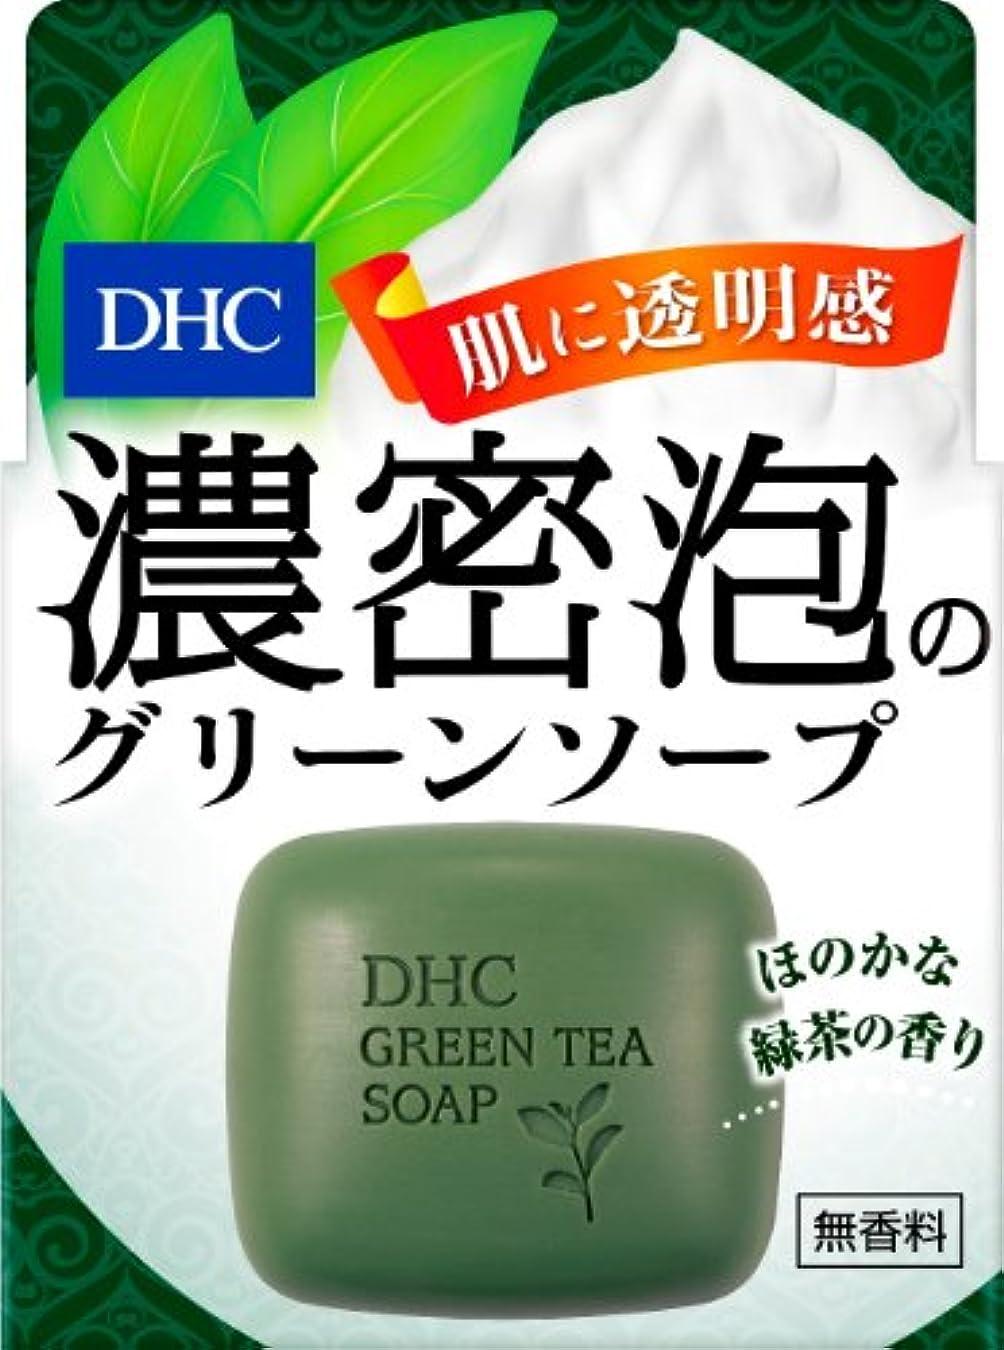 グリーンランド喉頭喜びDHC グリーンソープ (SS) 60g